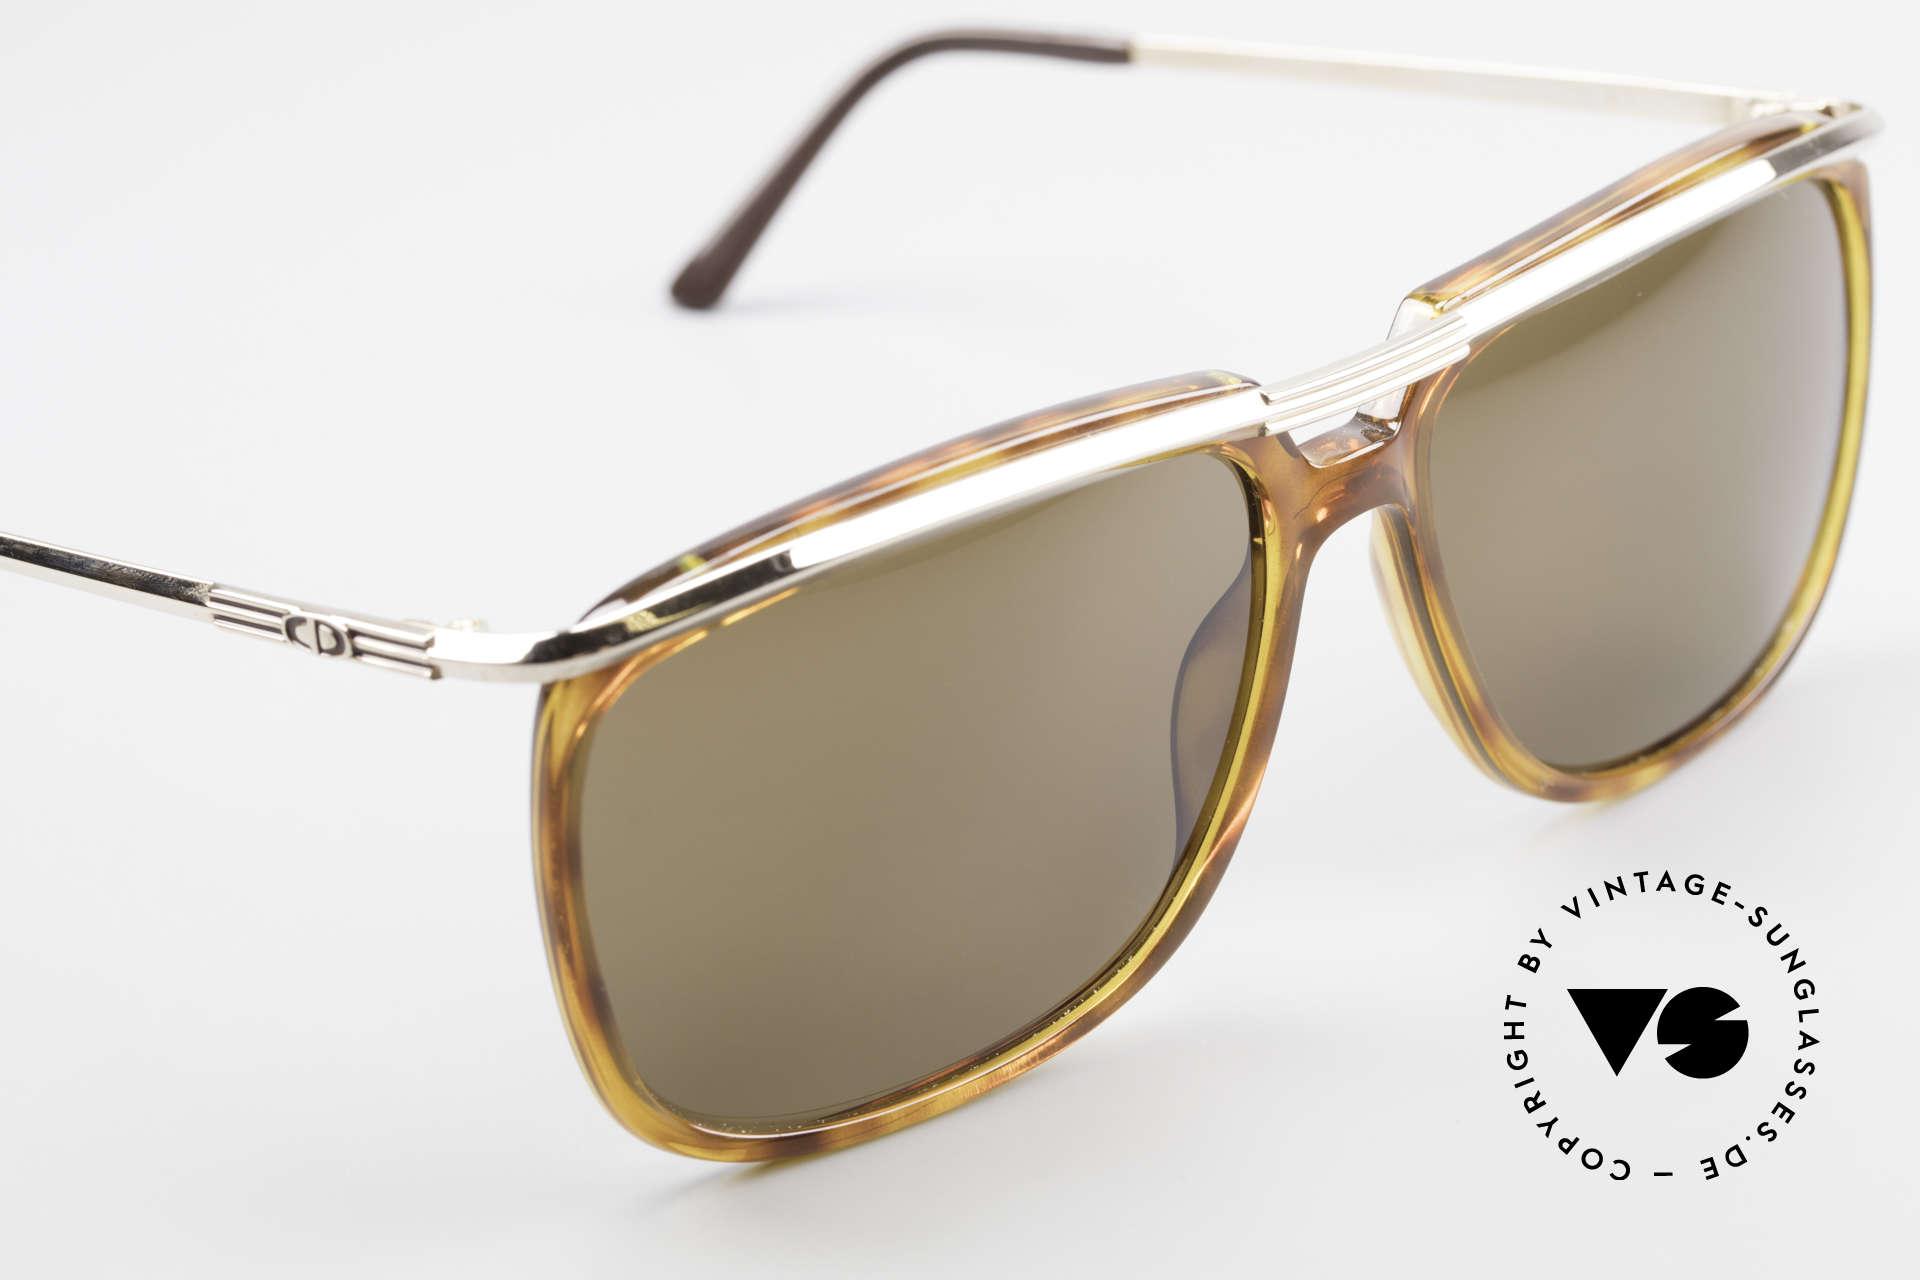 Christian Dior 2698 Alte 90er Herrensonnenbrille, ungetragen (wie jedes alte Brillengestell bei uns), Passend für Herren